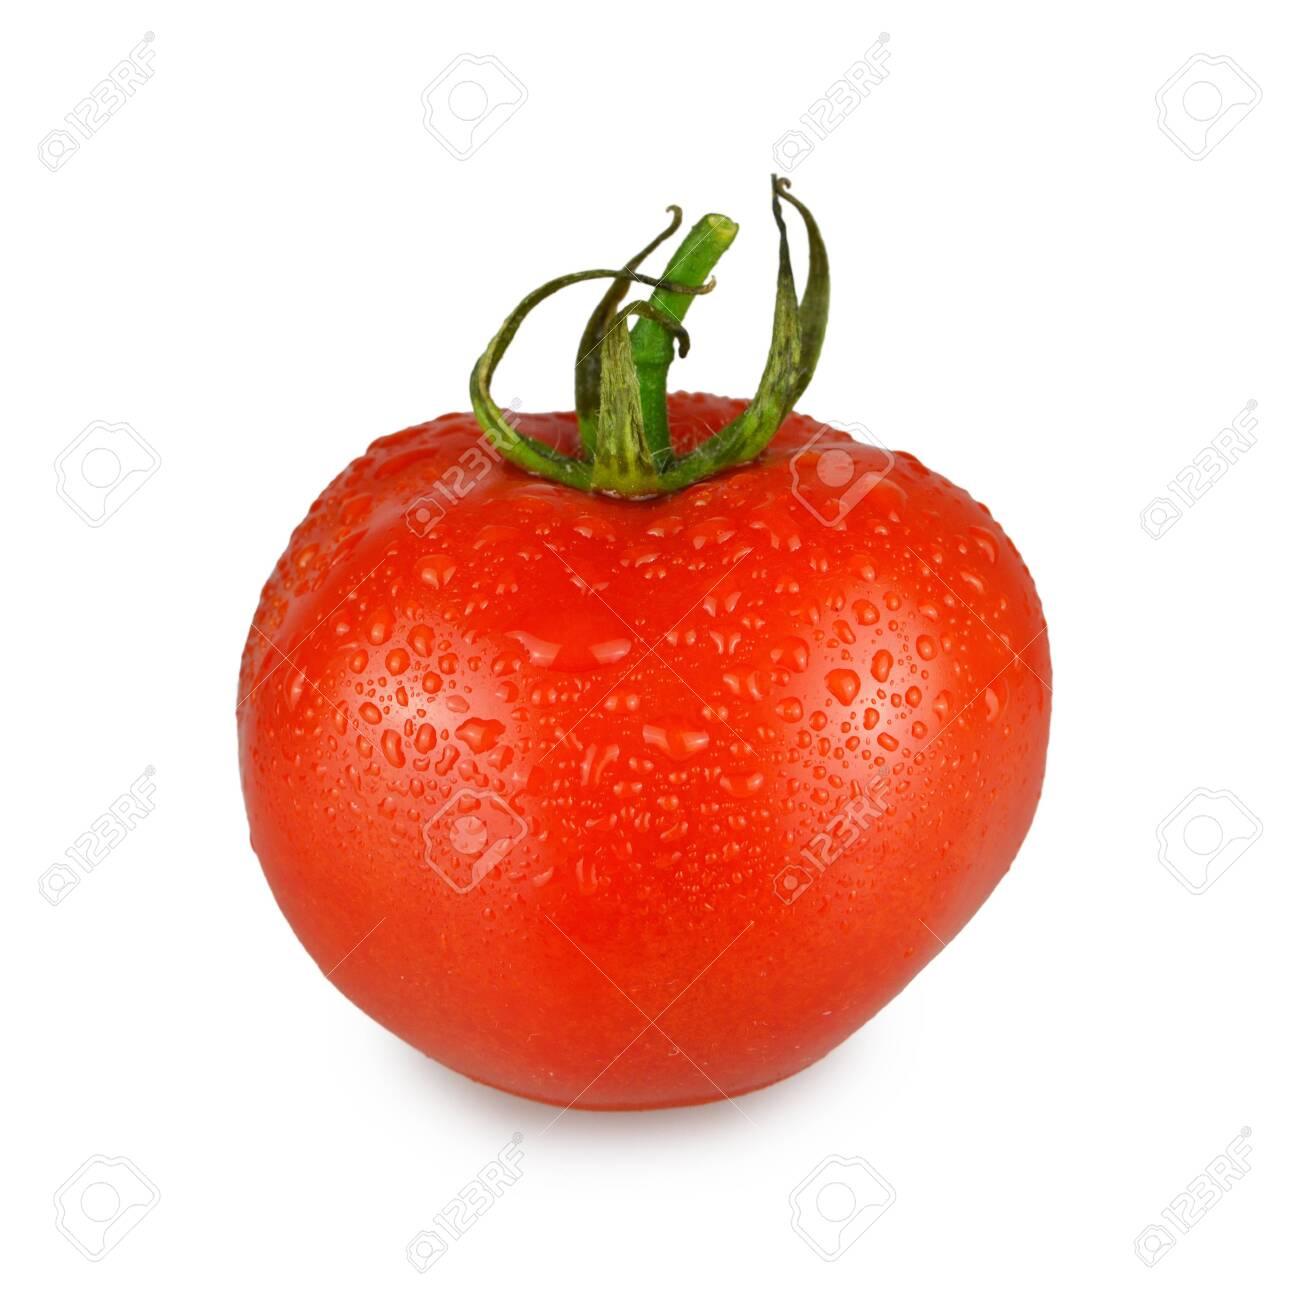 Fresh tomato isolated on white background - 147153605